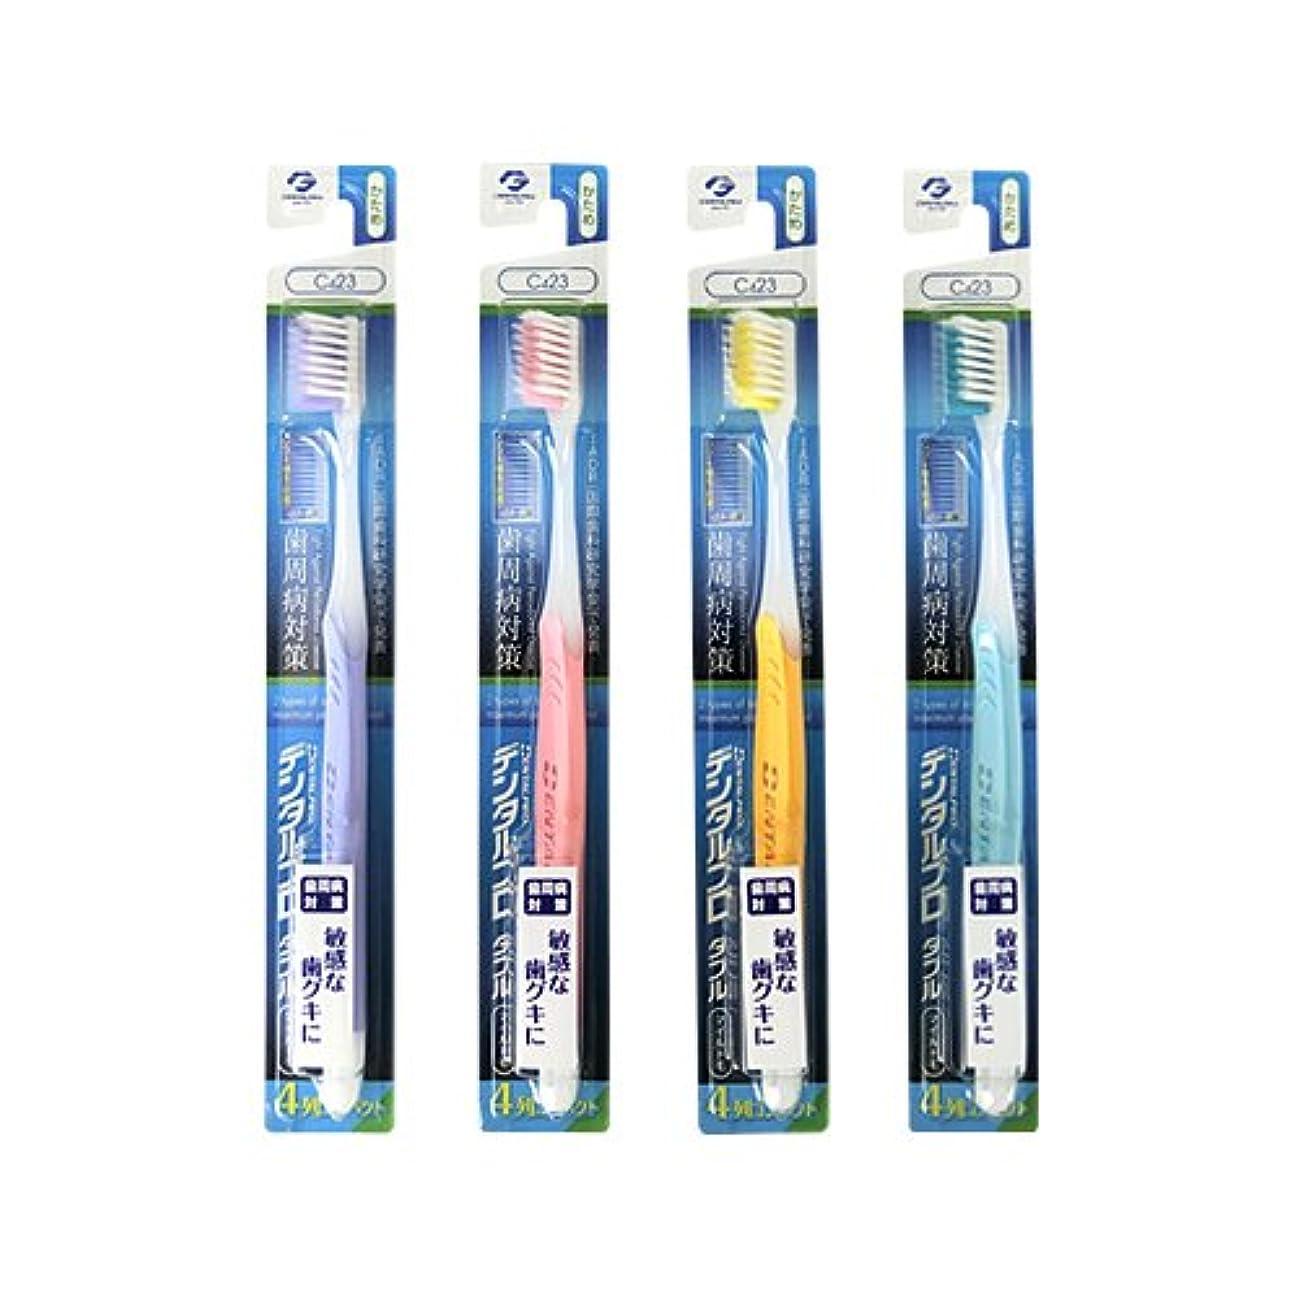 中性冷蔵庫区別デンタルプロ ダブル マイルド 4列 歯ブラシ 1本 (かため, カラー指定なし)